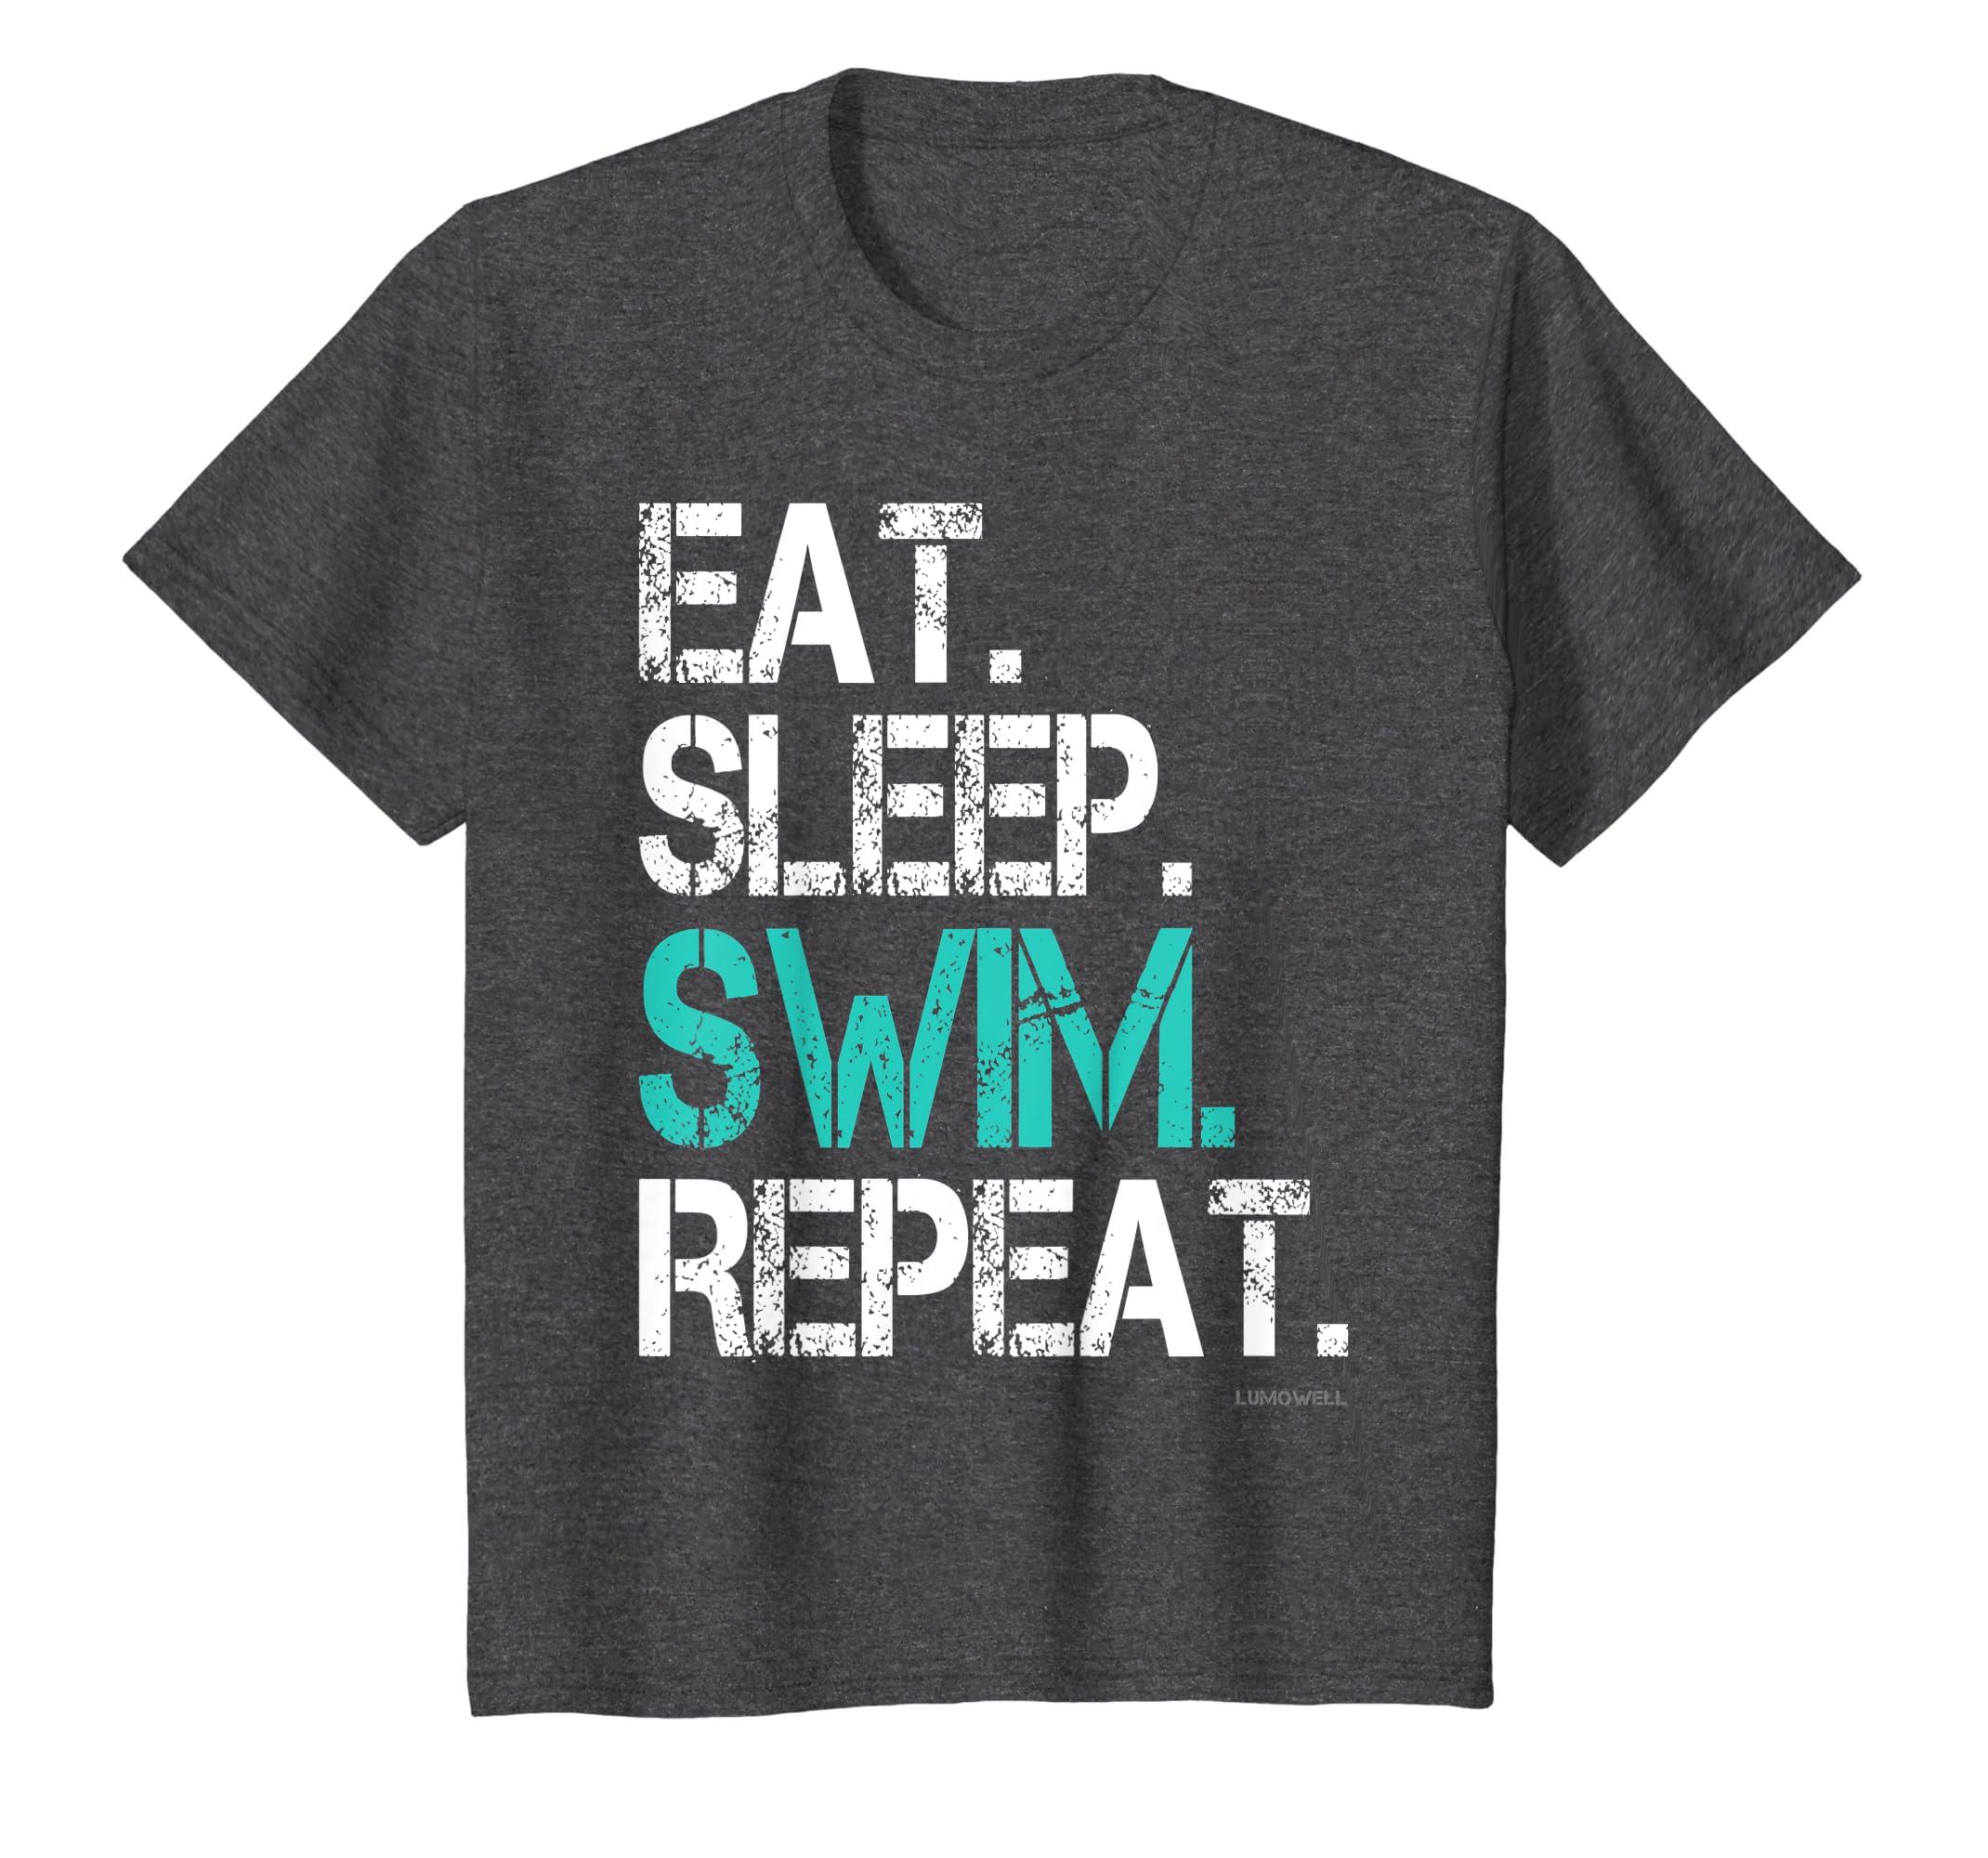 2ee20e3477 Amazon.com: Funny Swim T Shirts: Eat Sleep Swim Repeat Tshirt: Clothing